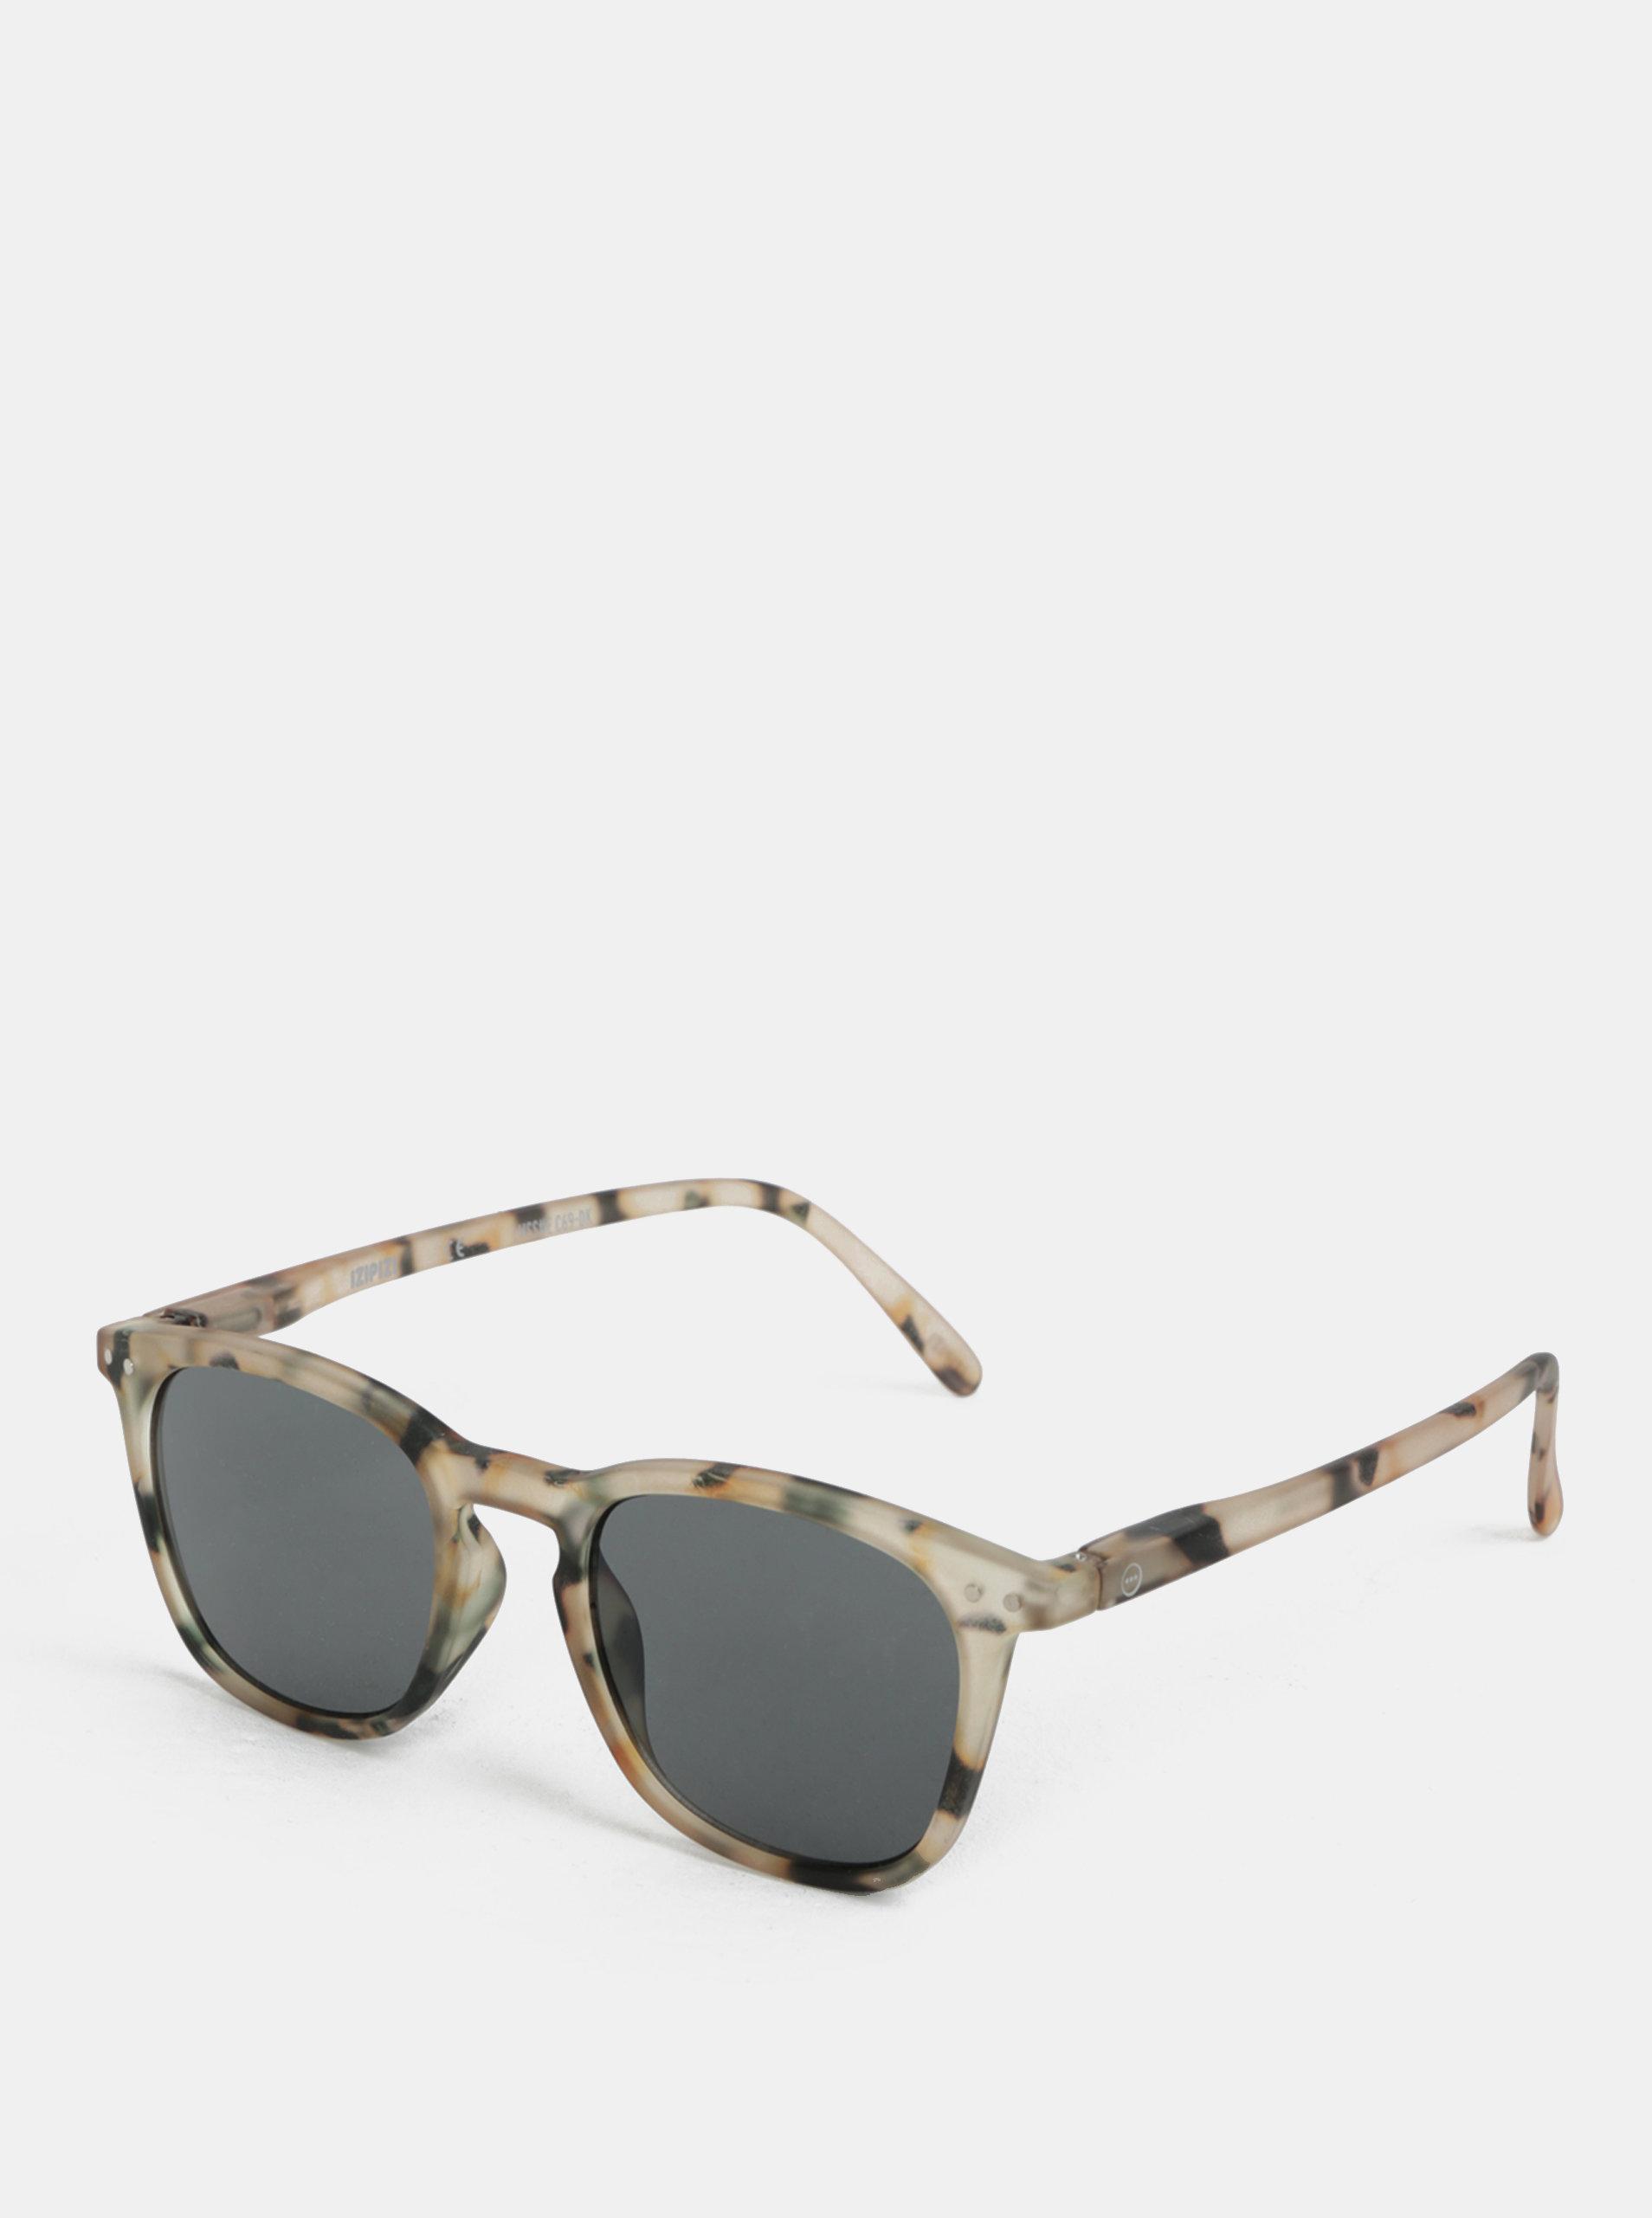 Černo-béžové vzorované sluneční brýle IZIPIZI  #E